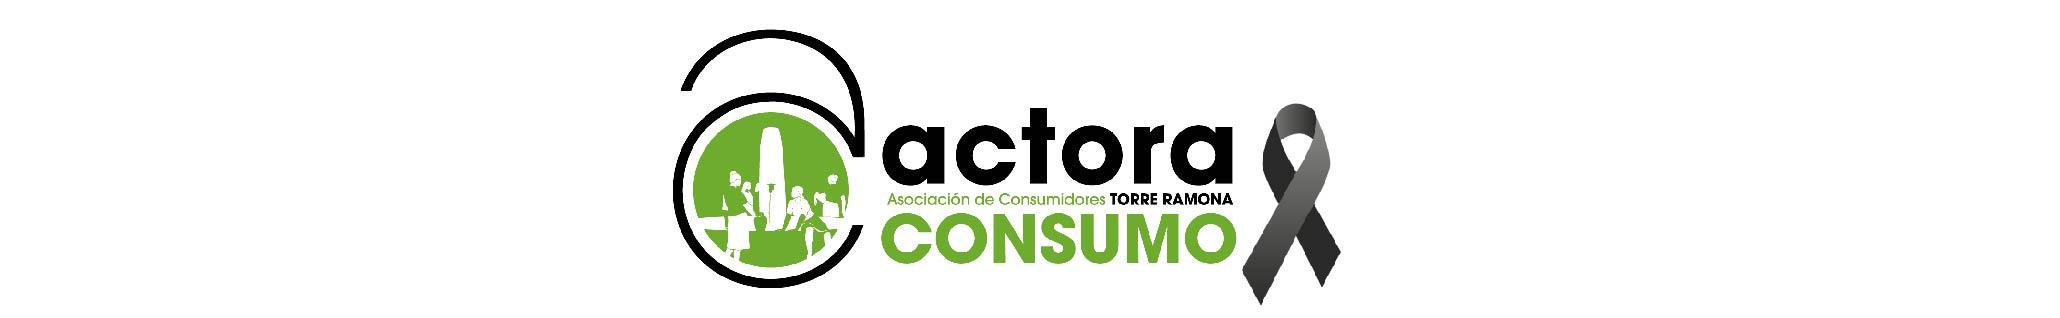 Actora Consumo